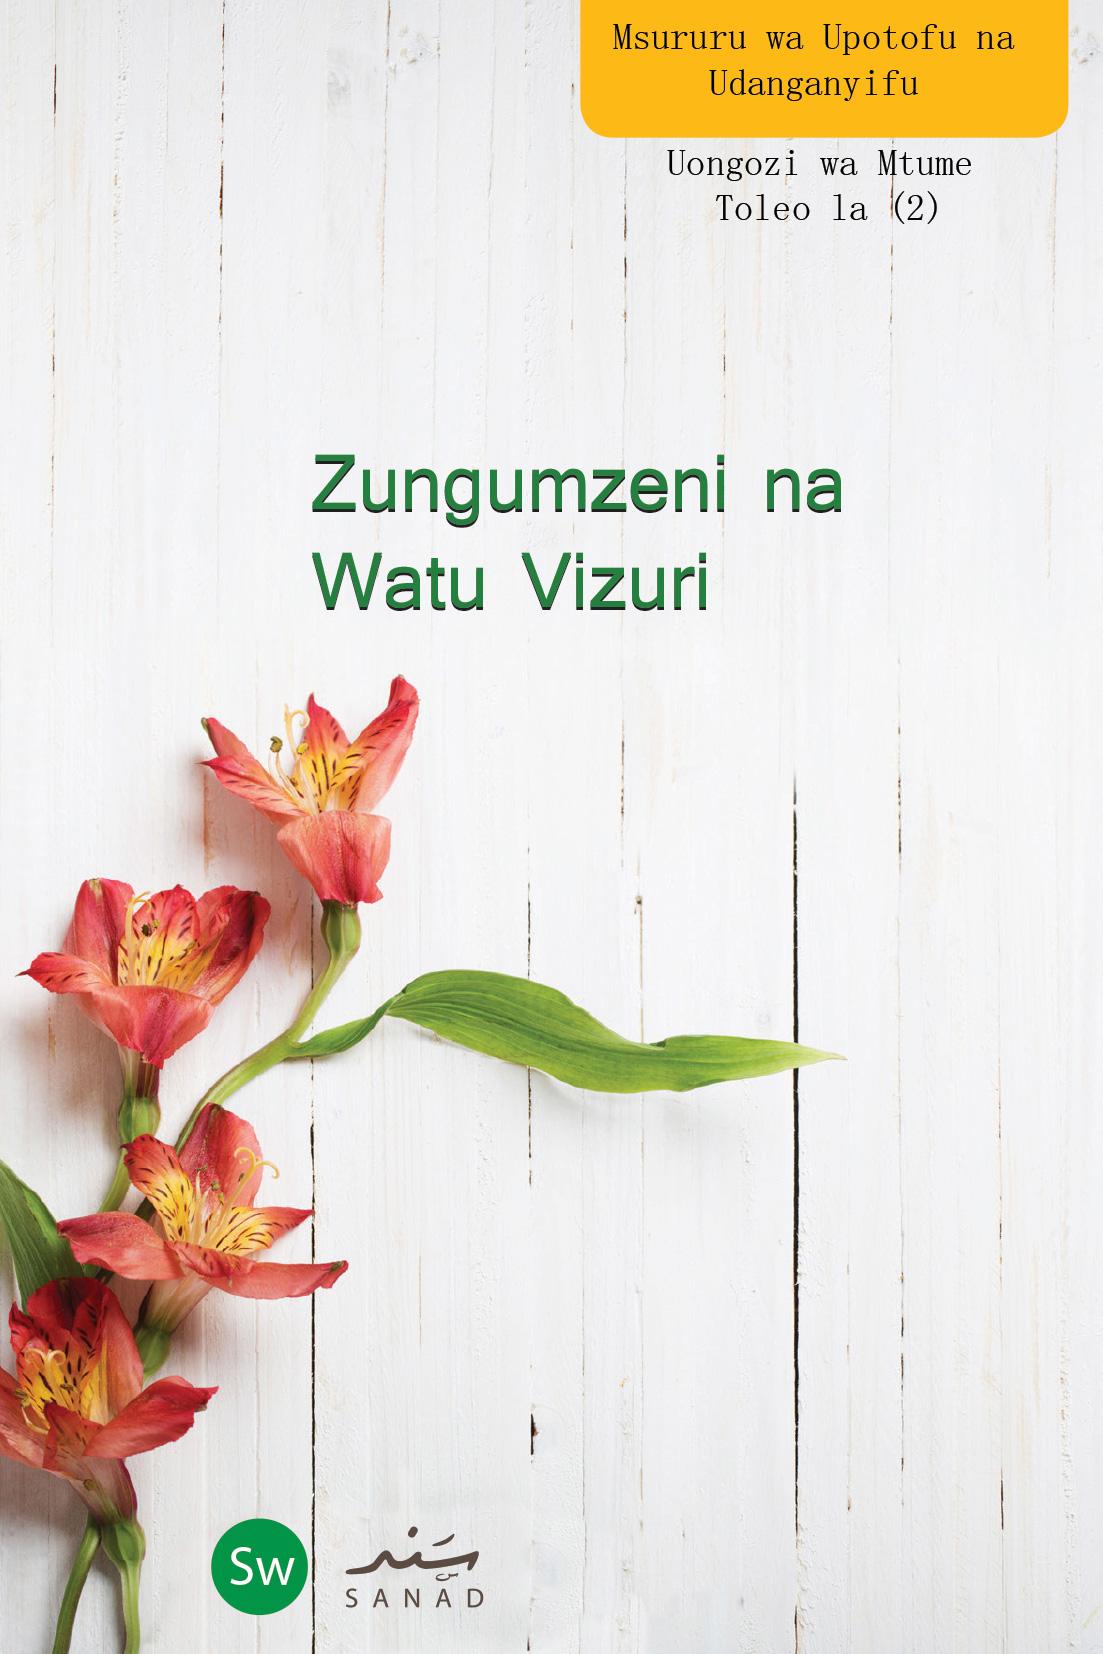 Zungumzeni na Watu Vizuri